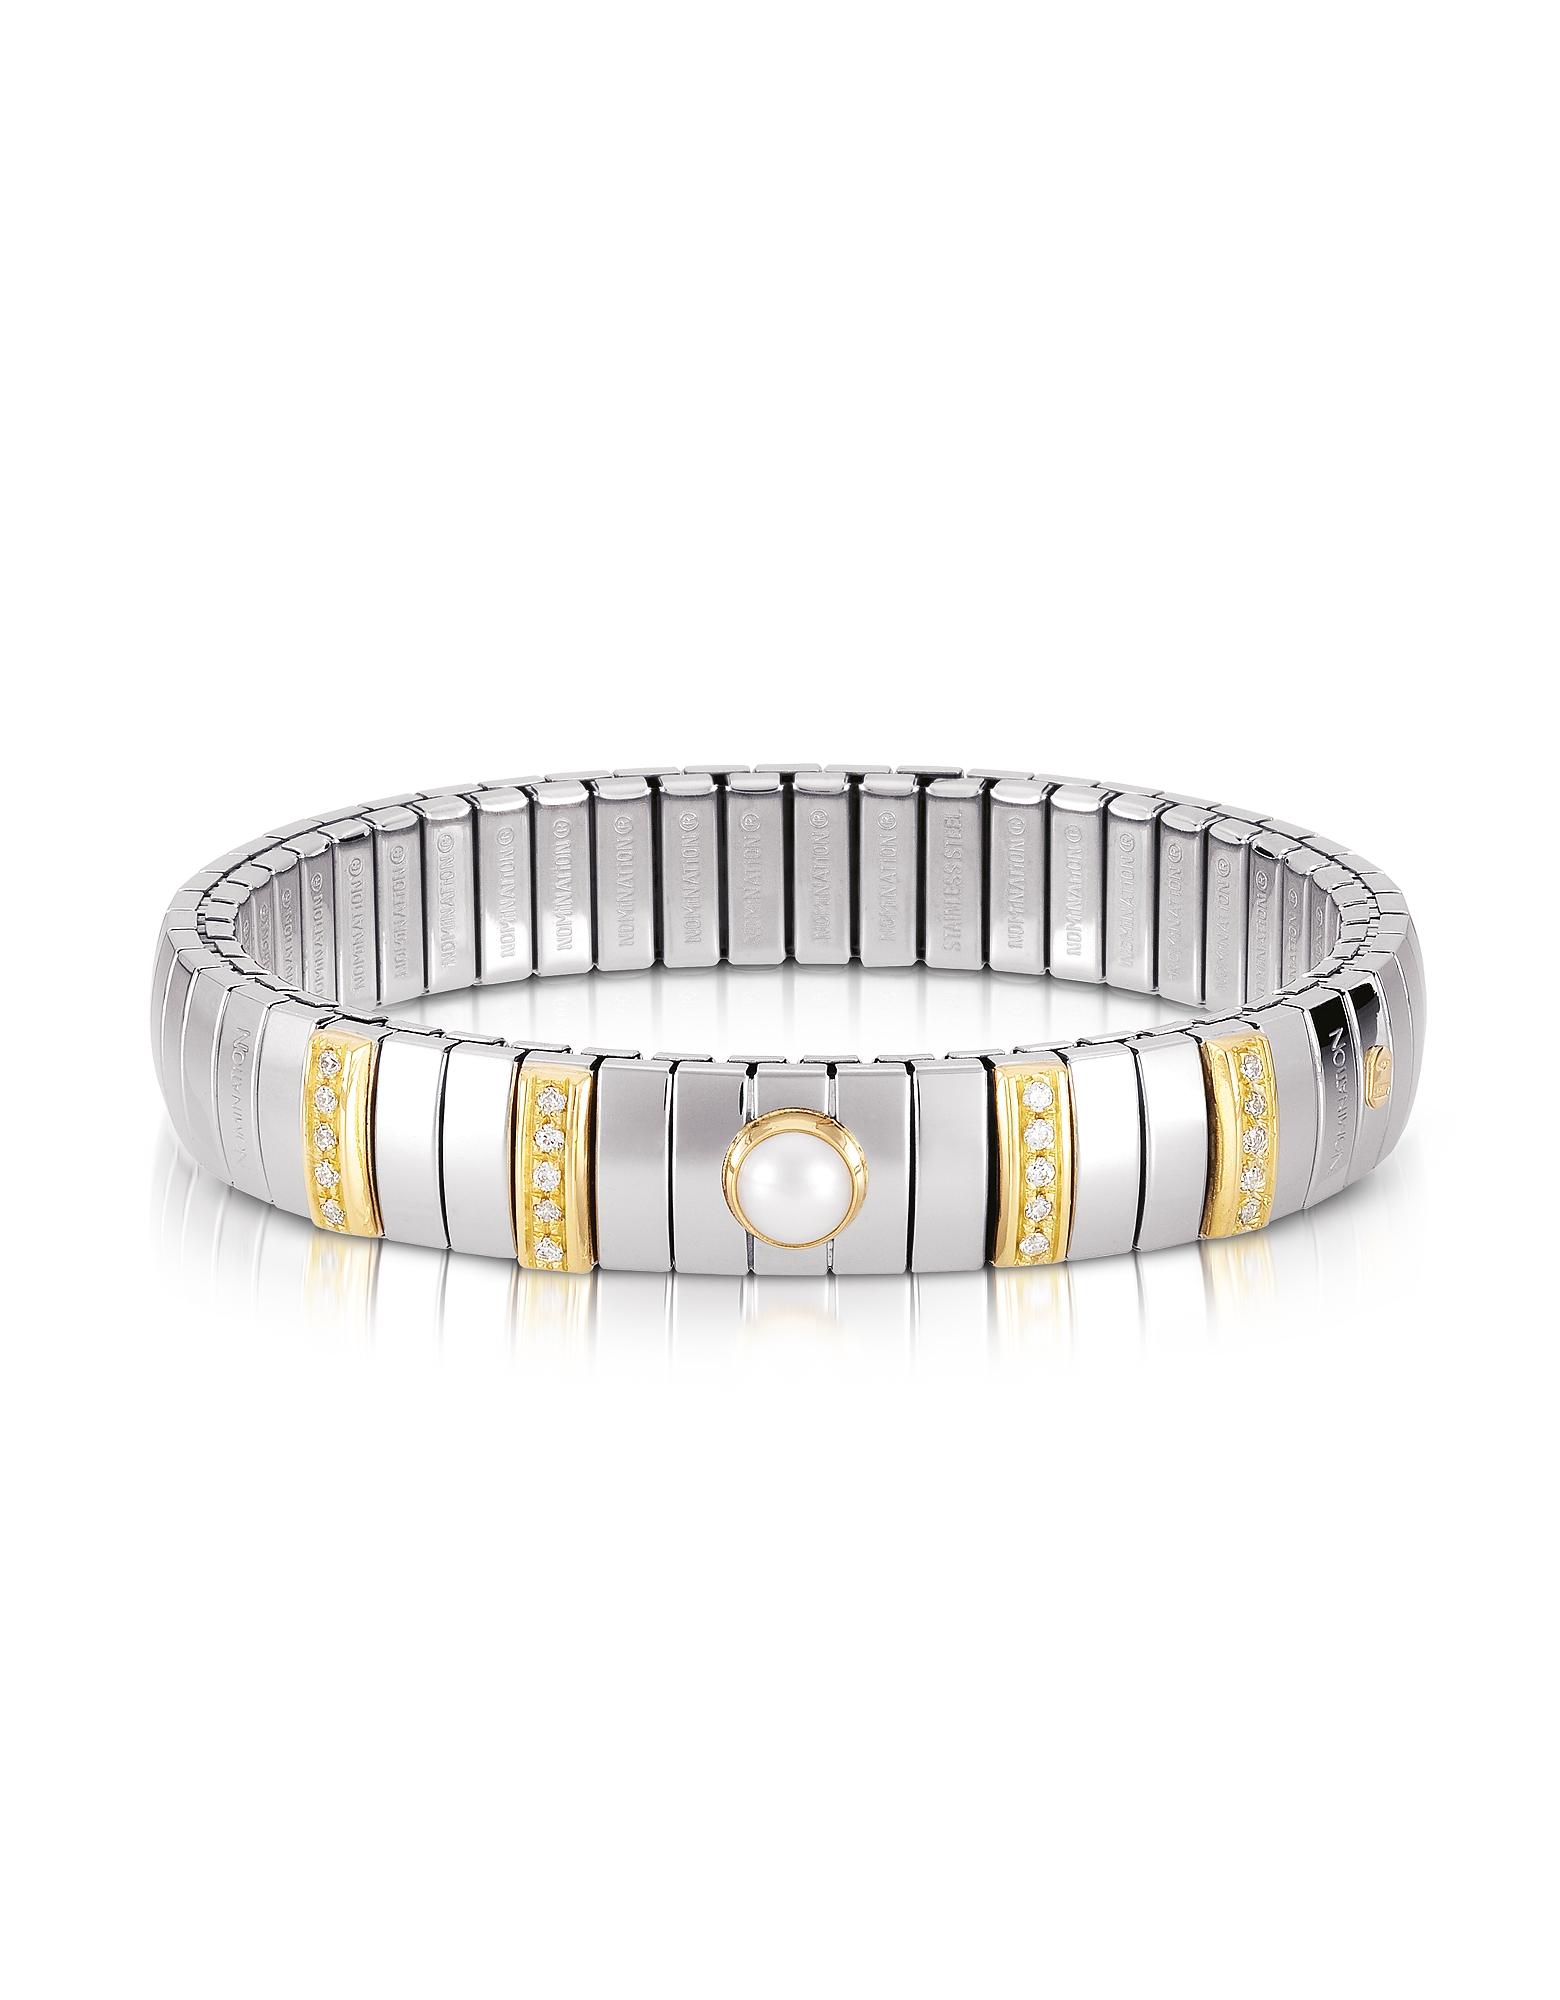 Nomination Bracelets, Single Pearl Golden Stainless Steel Women's Bracelet w/Cubic Zirconia